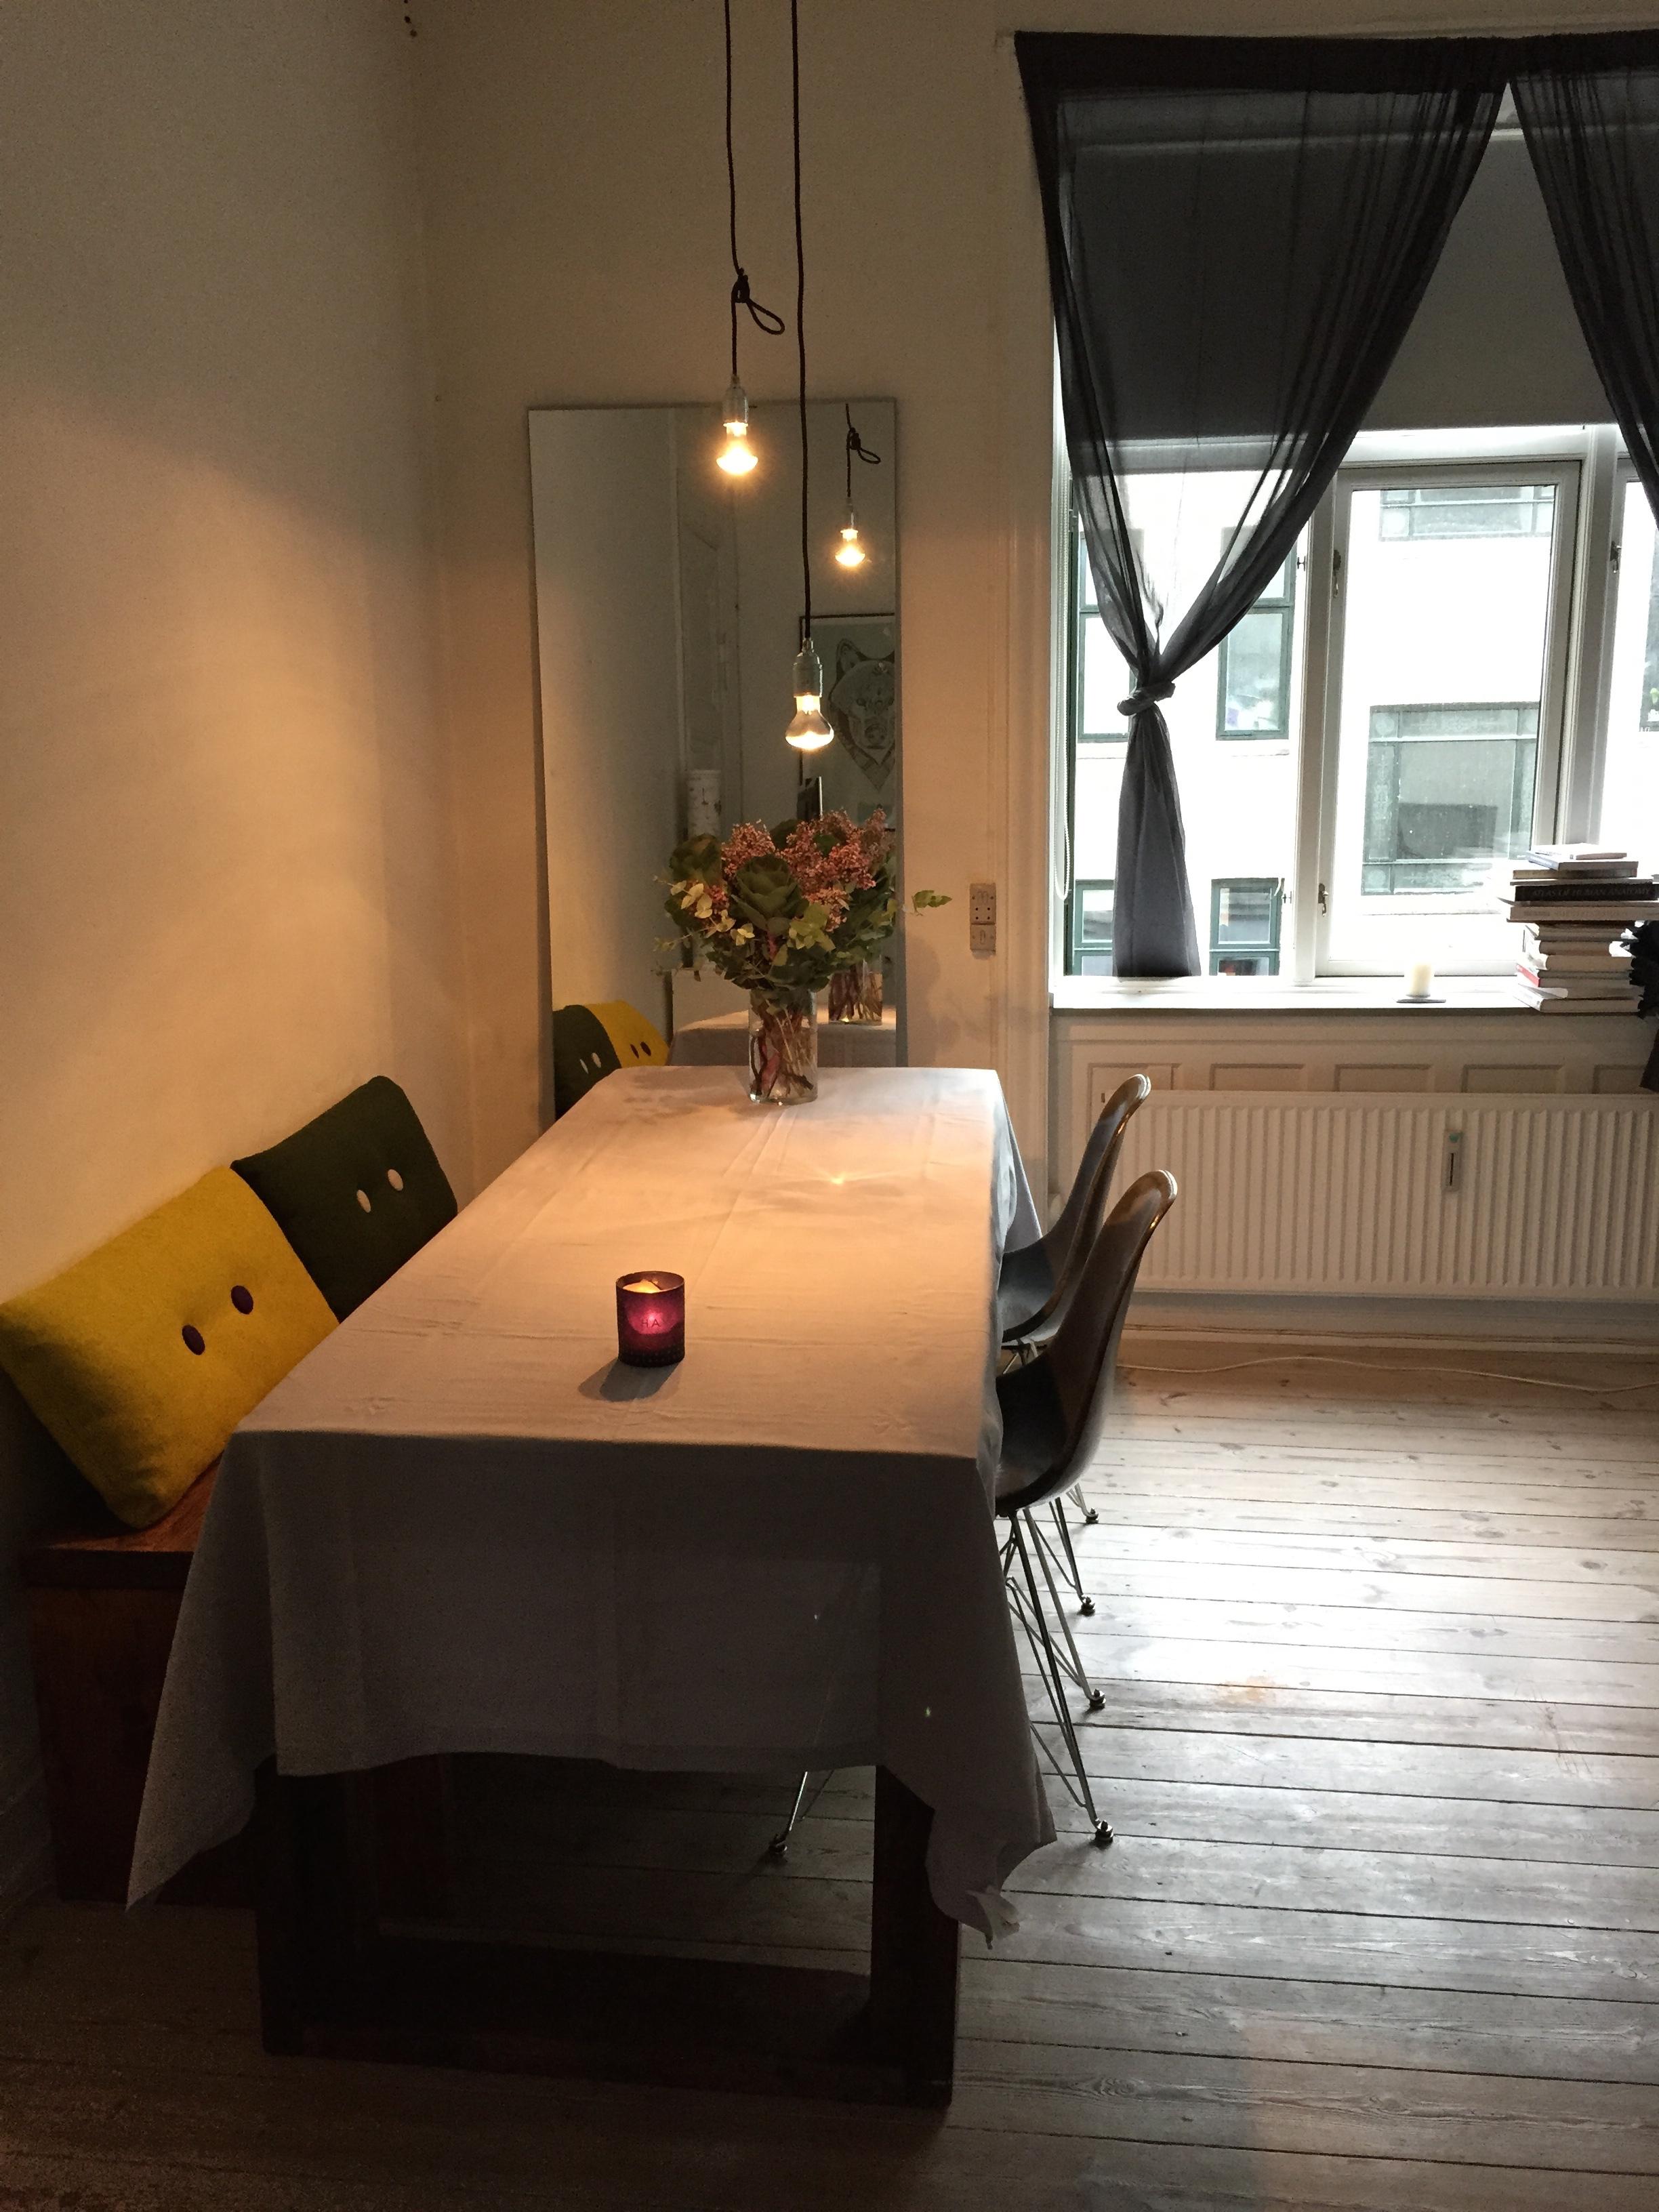 BYTTES: Lys, hyggelig og rummelig 2-værelses (3.950/måned inkl. forbrug)